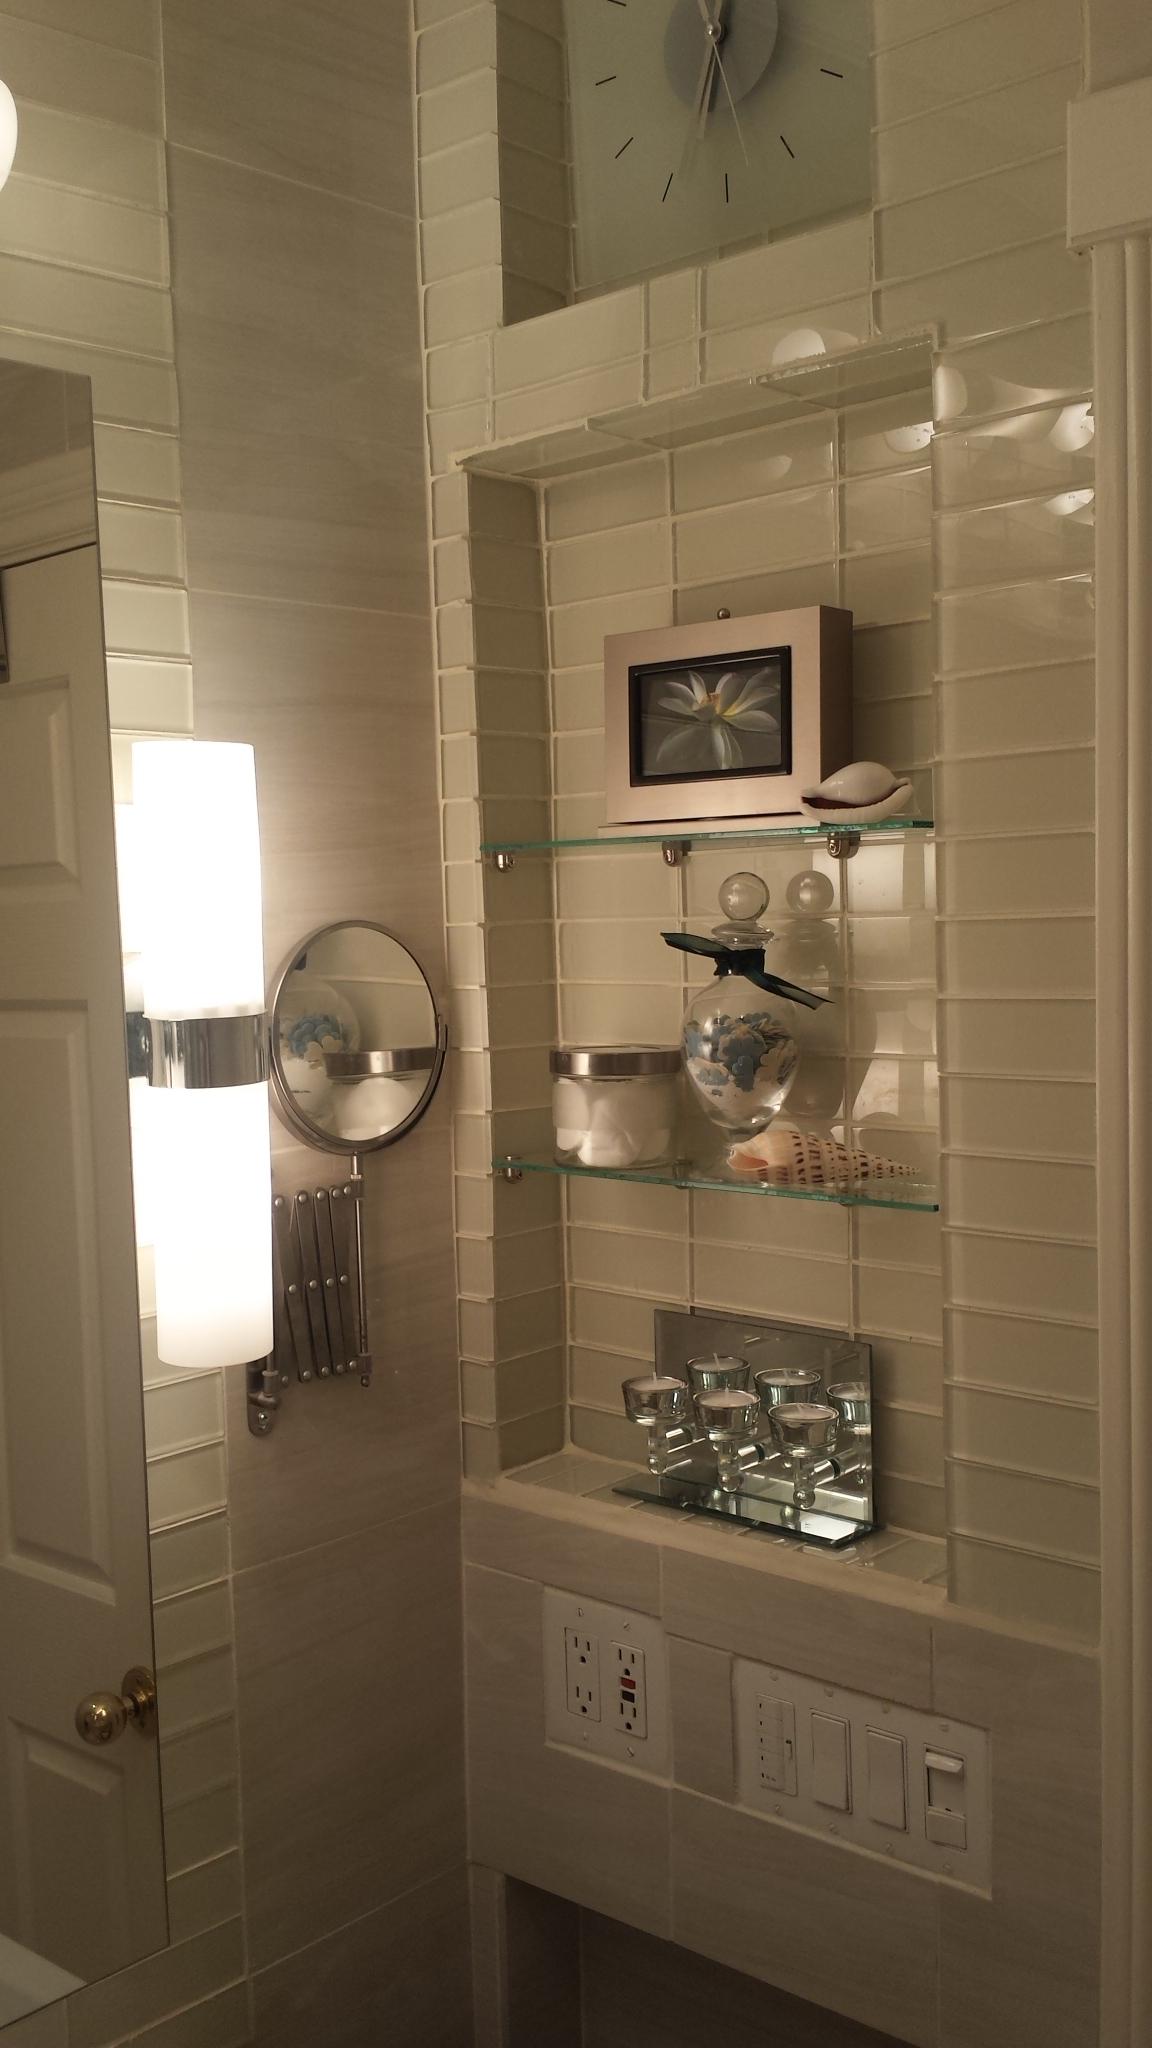 Unit 204 - Bathroom 3